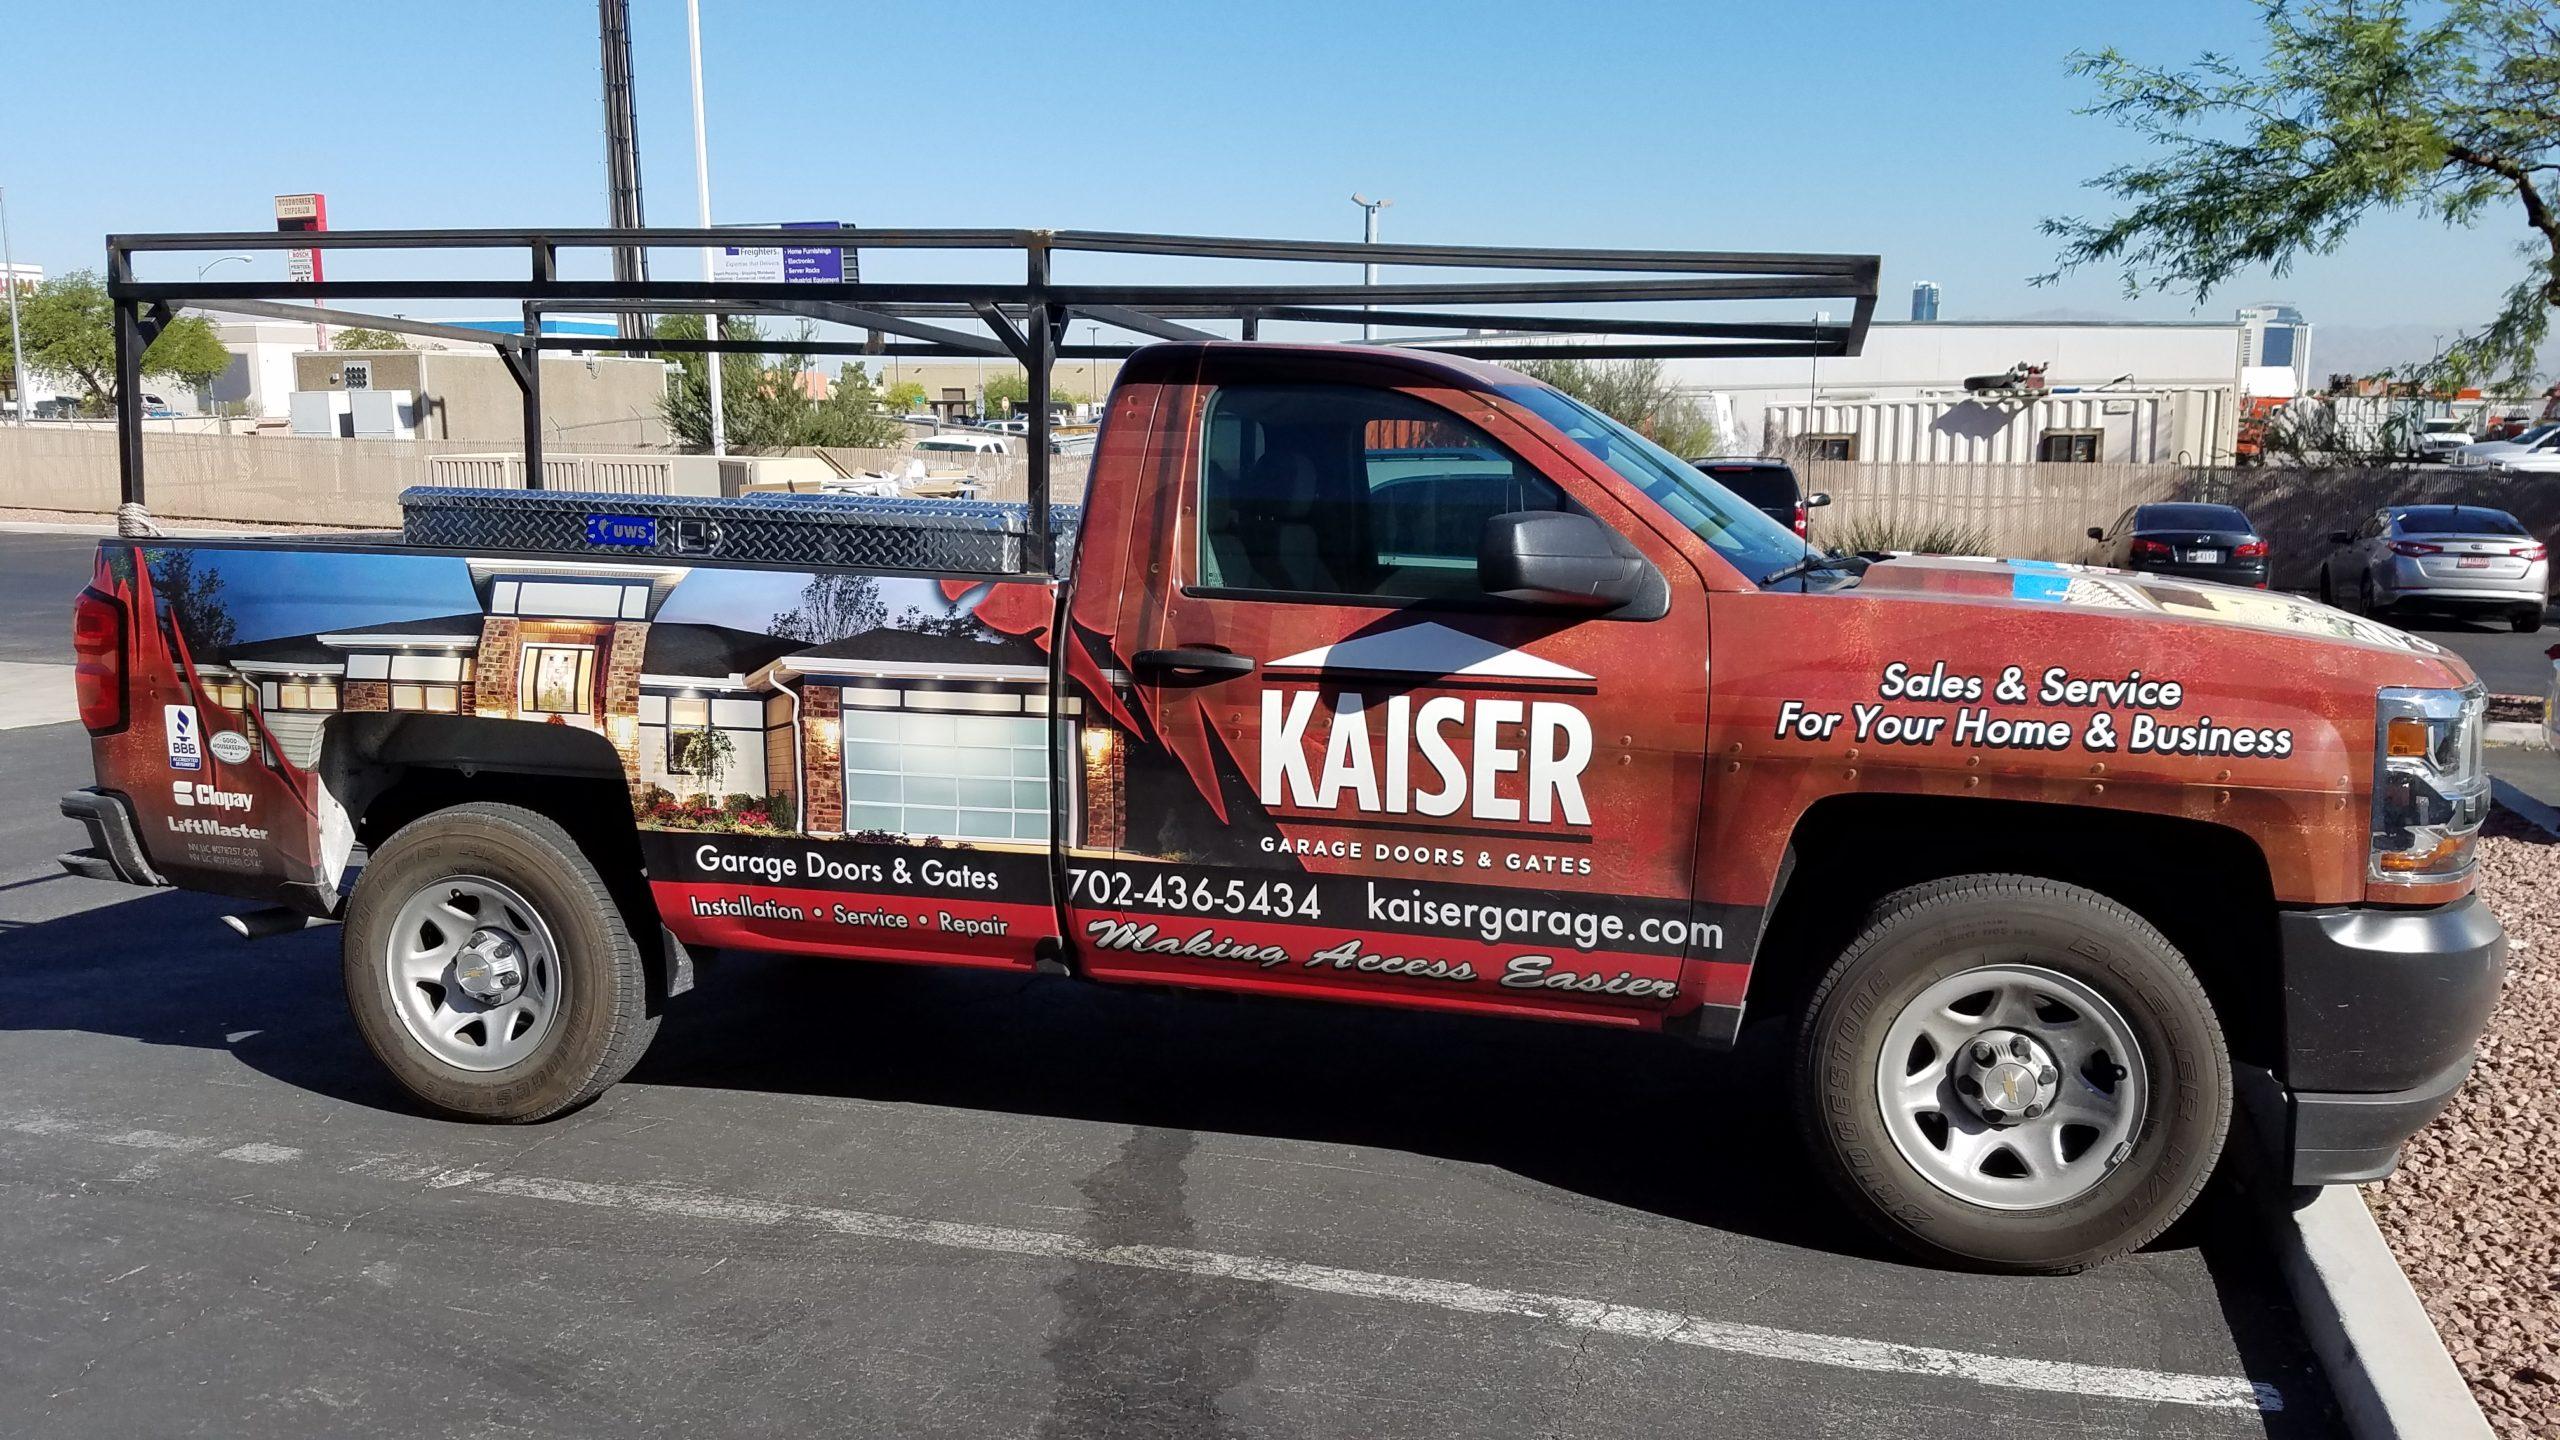 Garage Doors & Custom Gates in Tucson - Kaiser Garage Doors & Gates